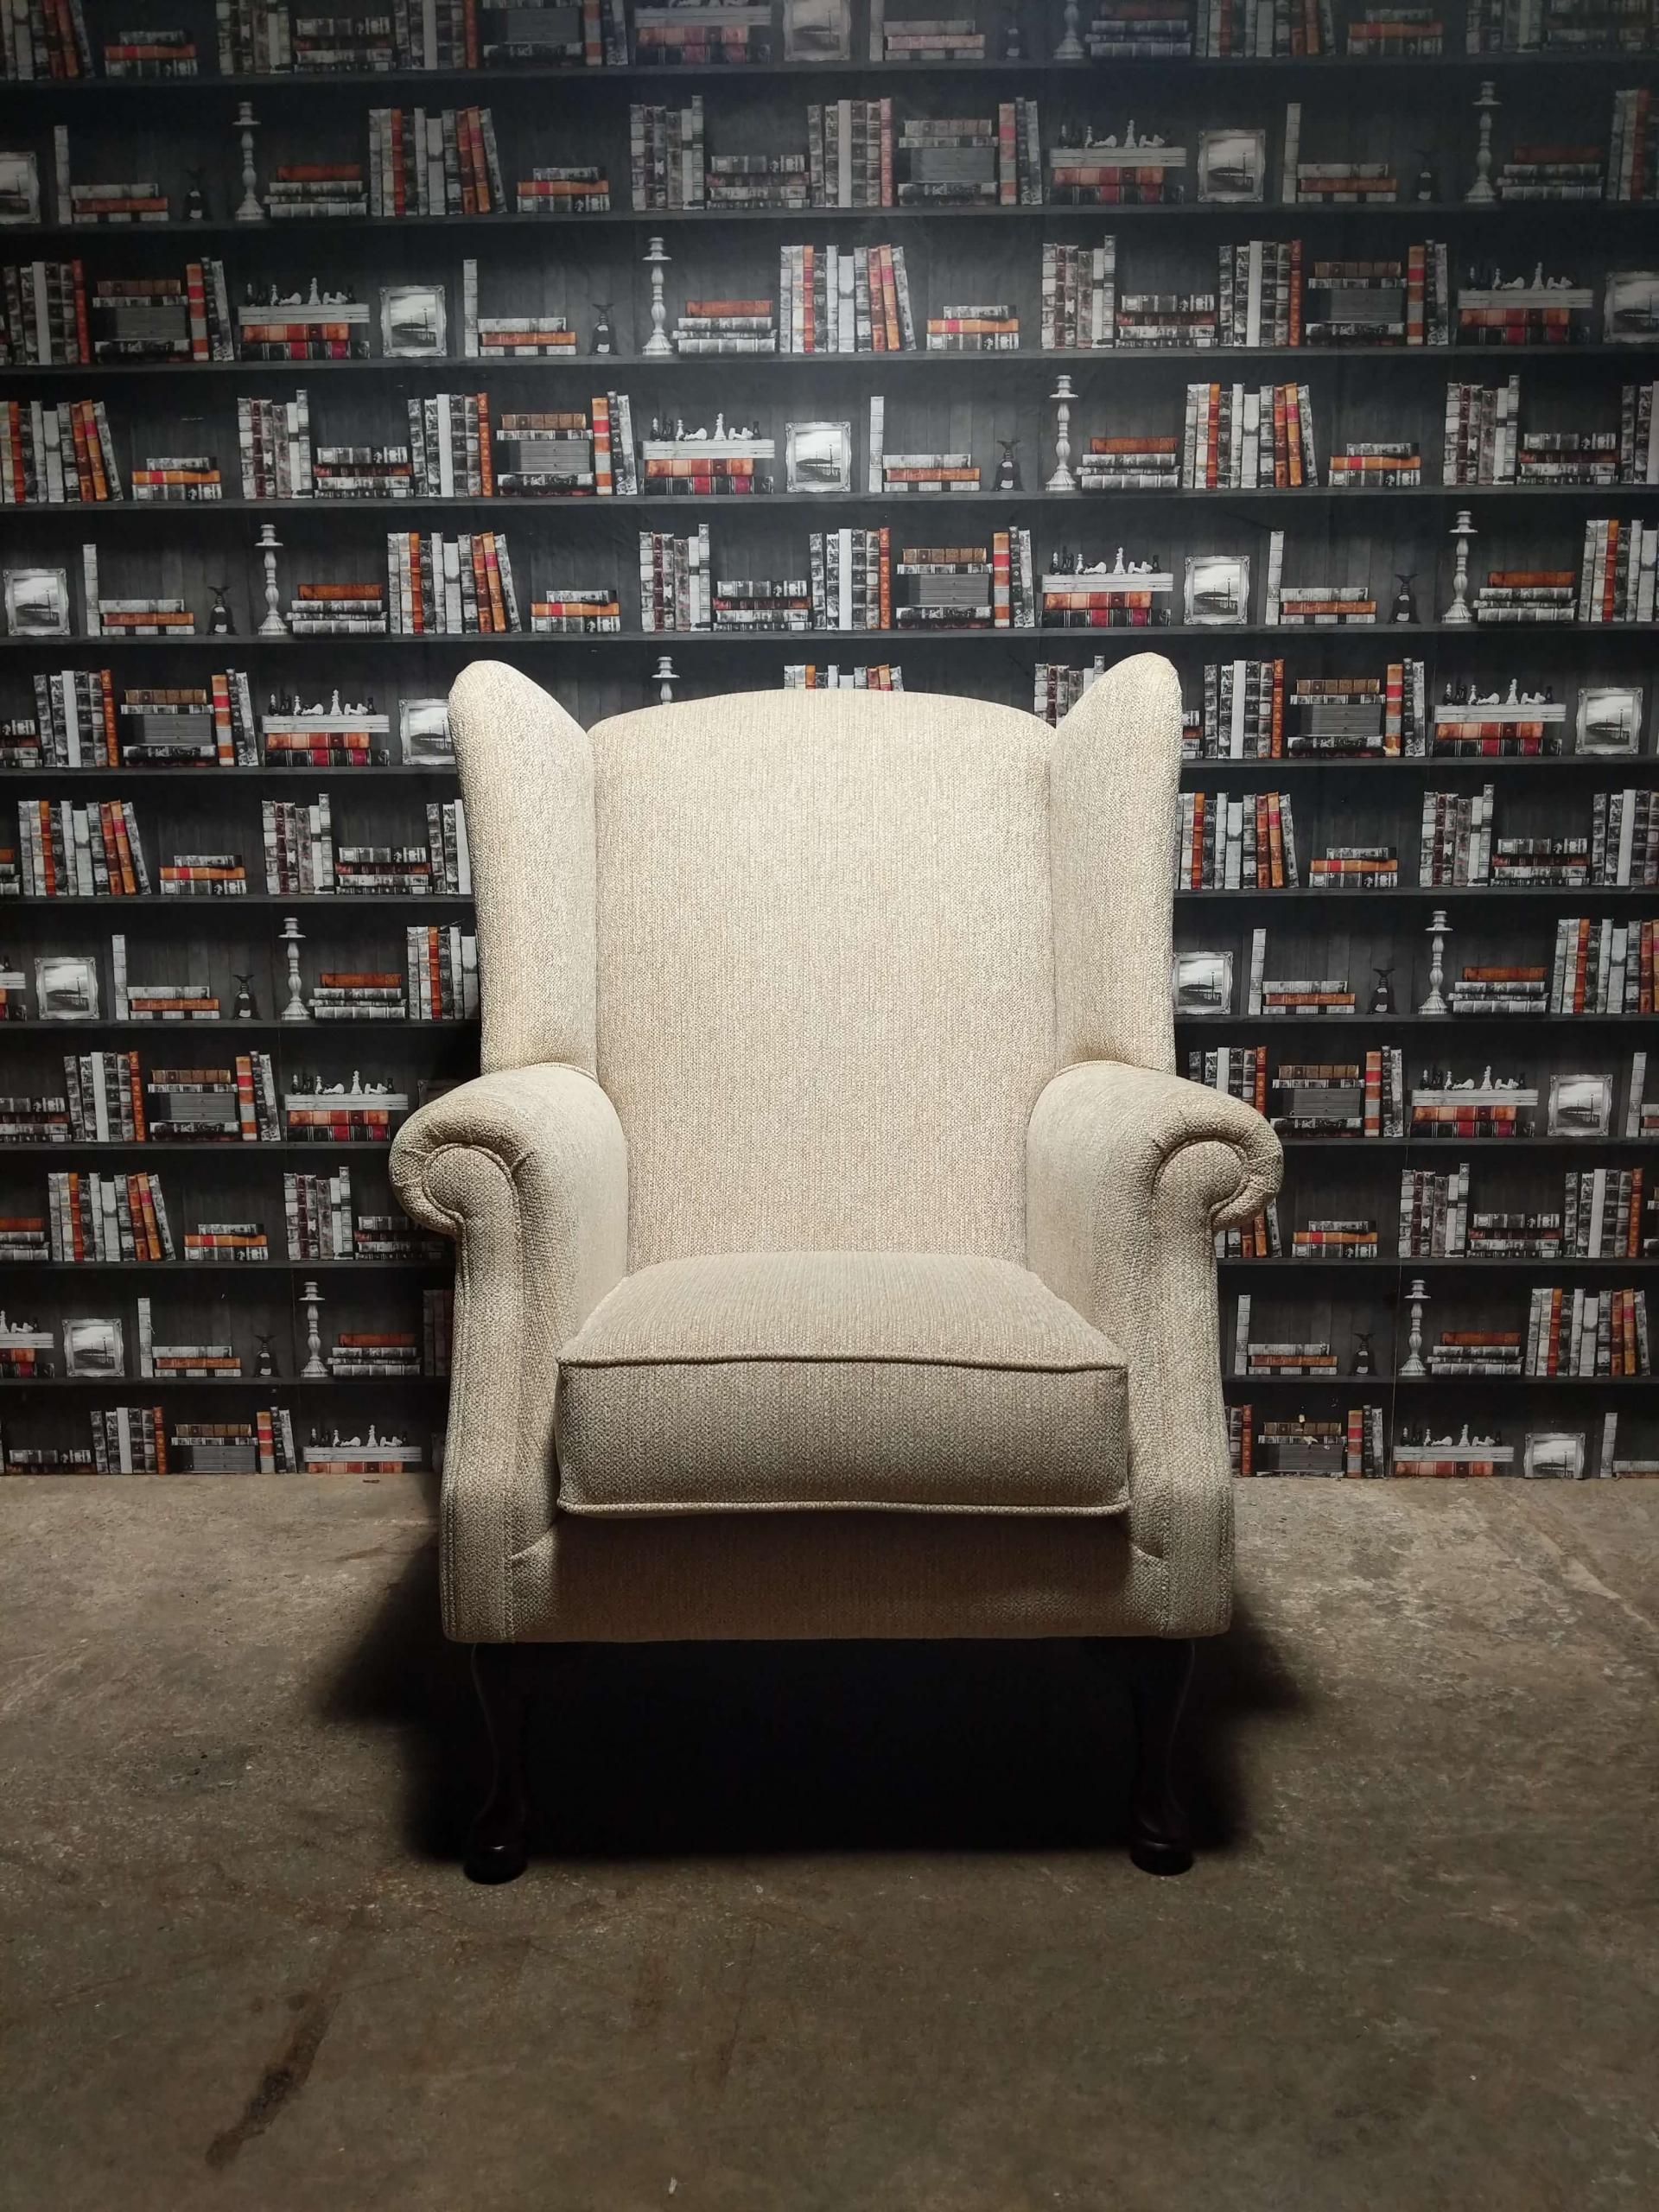 Queen Anne Chair Barley